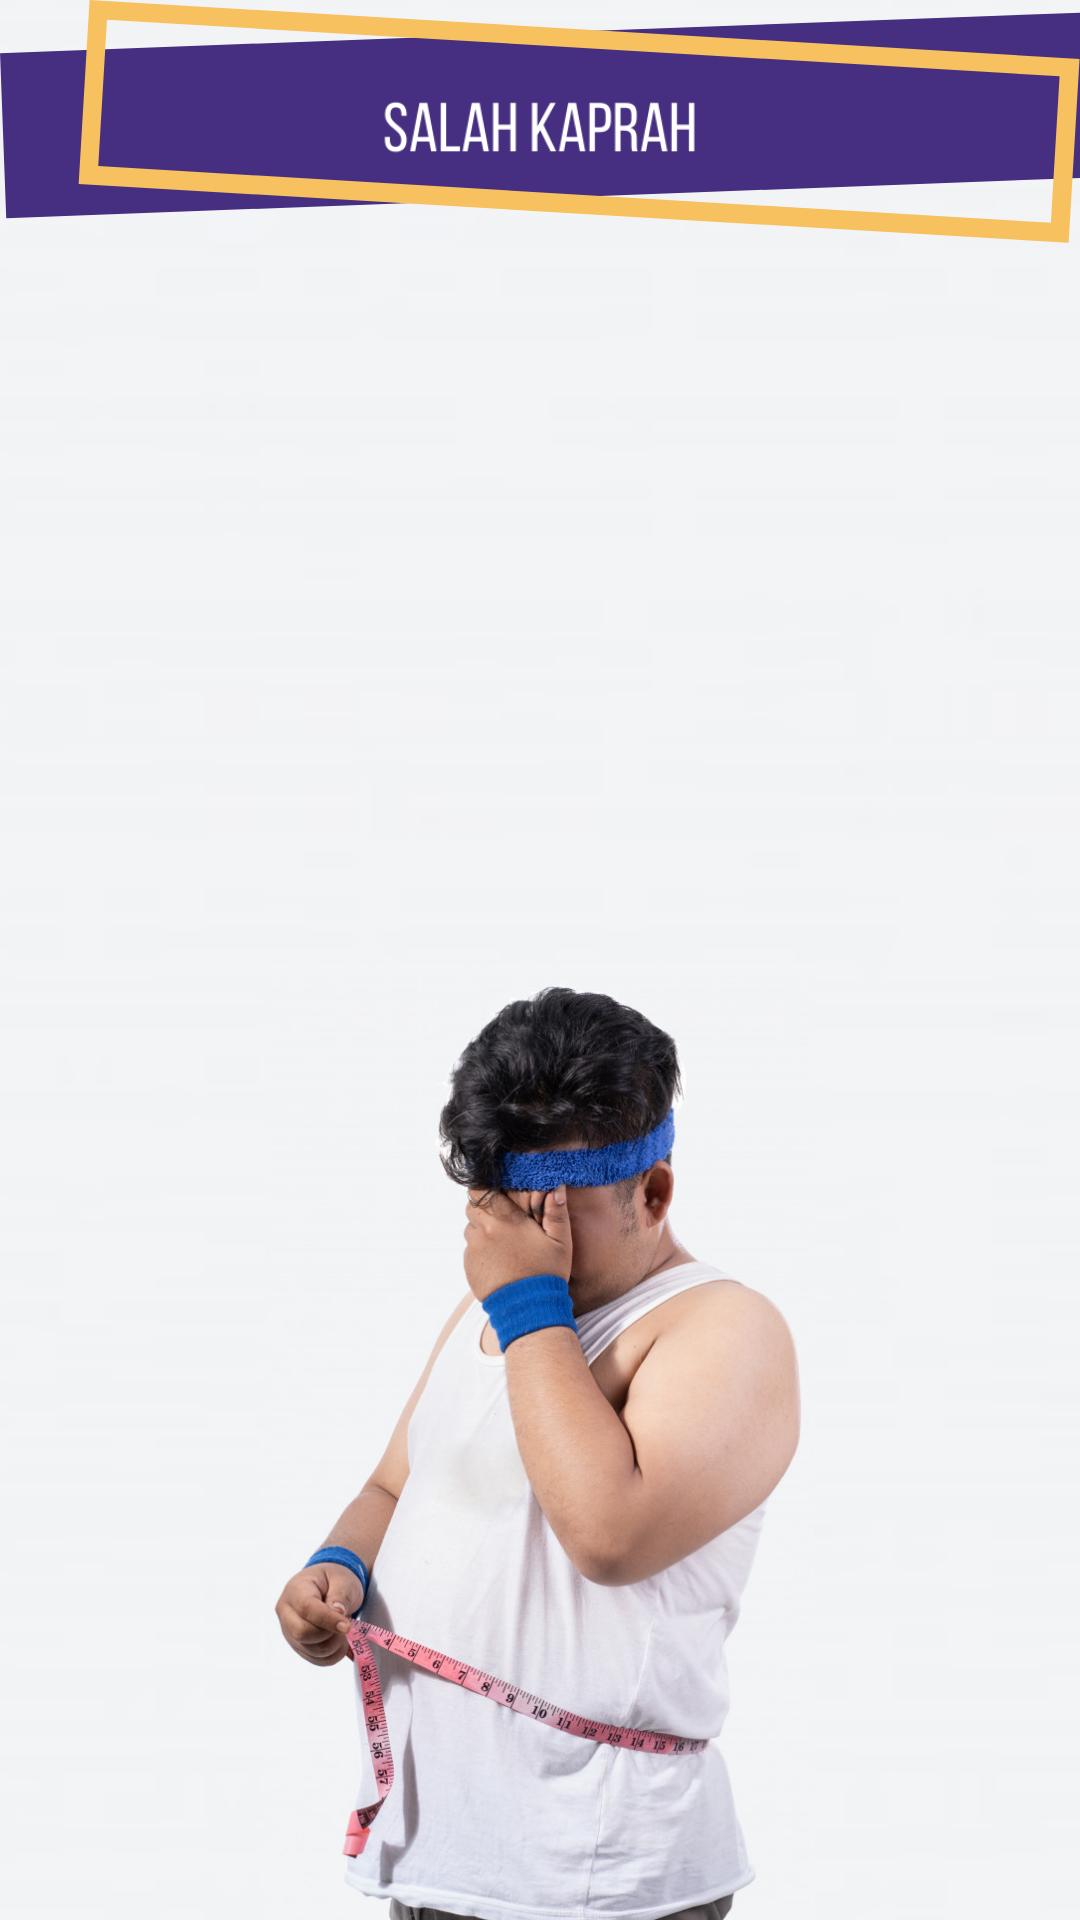 Libur Olahraga, Siap-Siap Otot Kamu Jadi Lemak